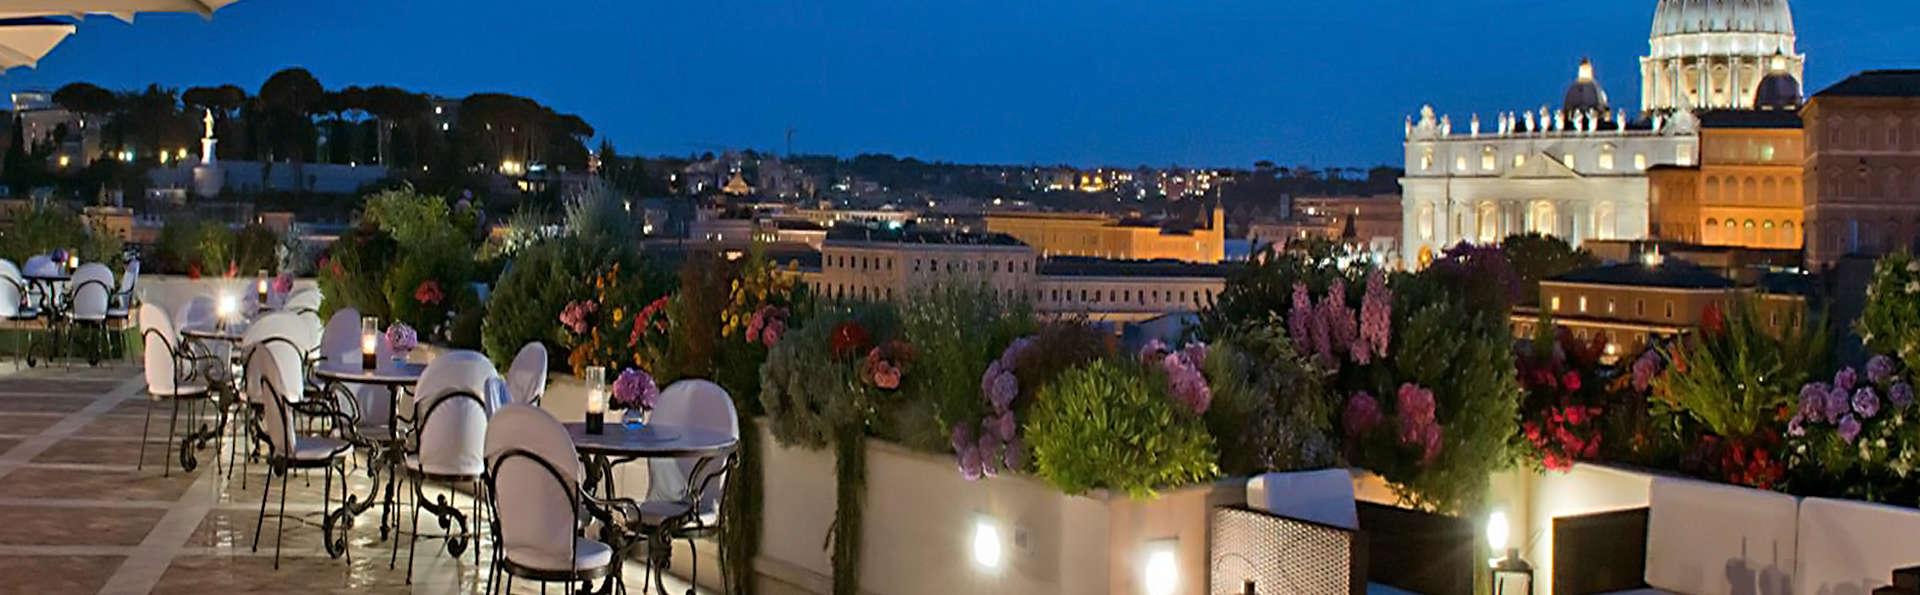 Week end romantique rome avec 1 bouteille de vin mousseux pour 2 adultes partir de 103 - Week end romantique rome ...